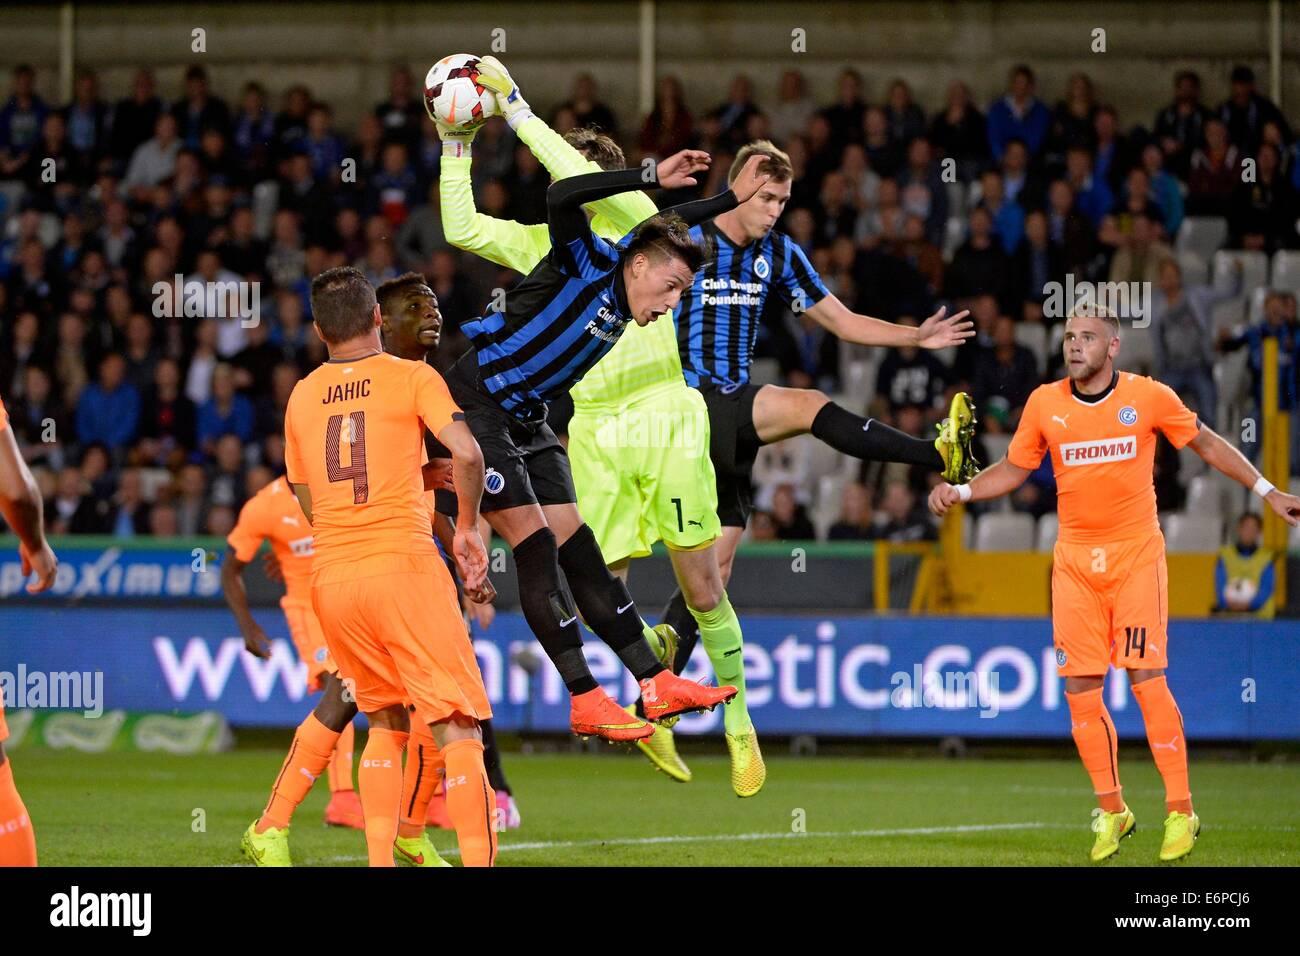 Bruges, Belgium. 28th Aug, 2014. UEFA Europa League qualification. Club Brugge versus Grasshoppers Zurich. Nicolas - Stock Image